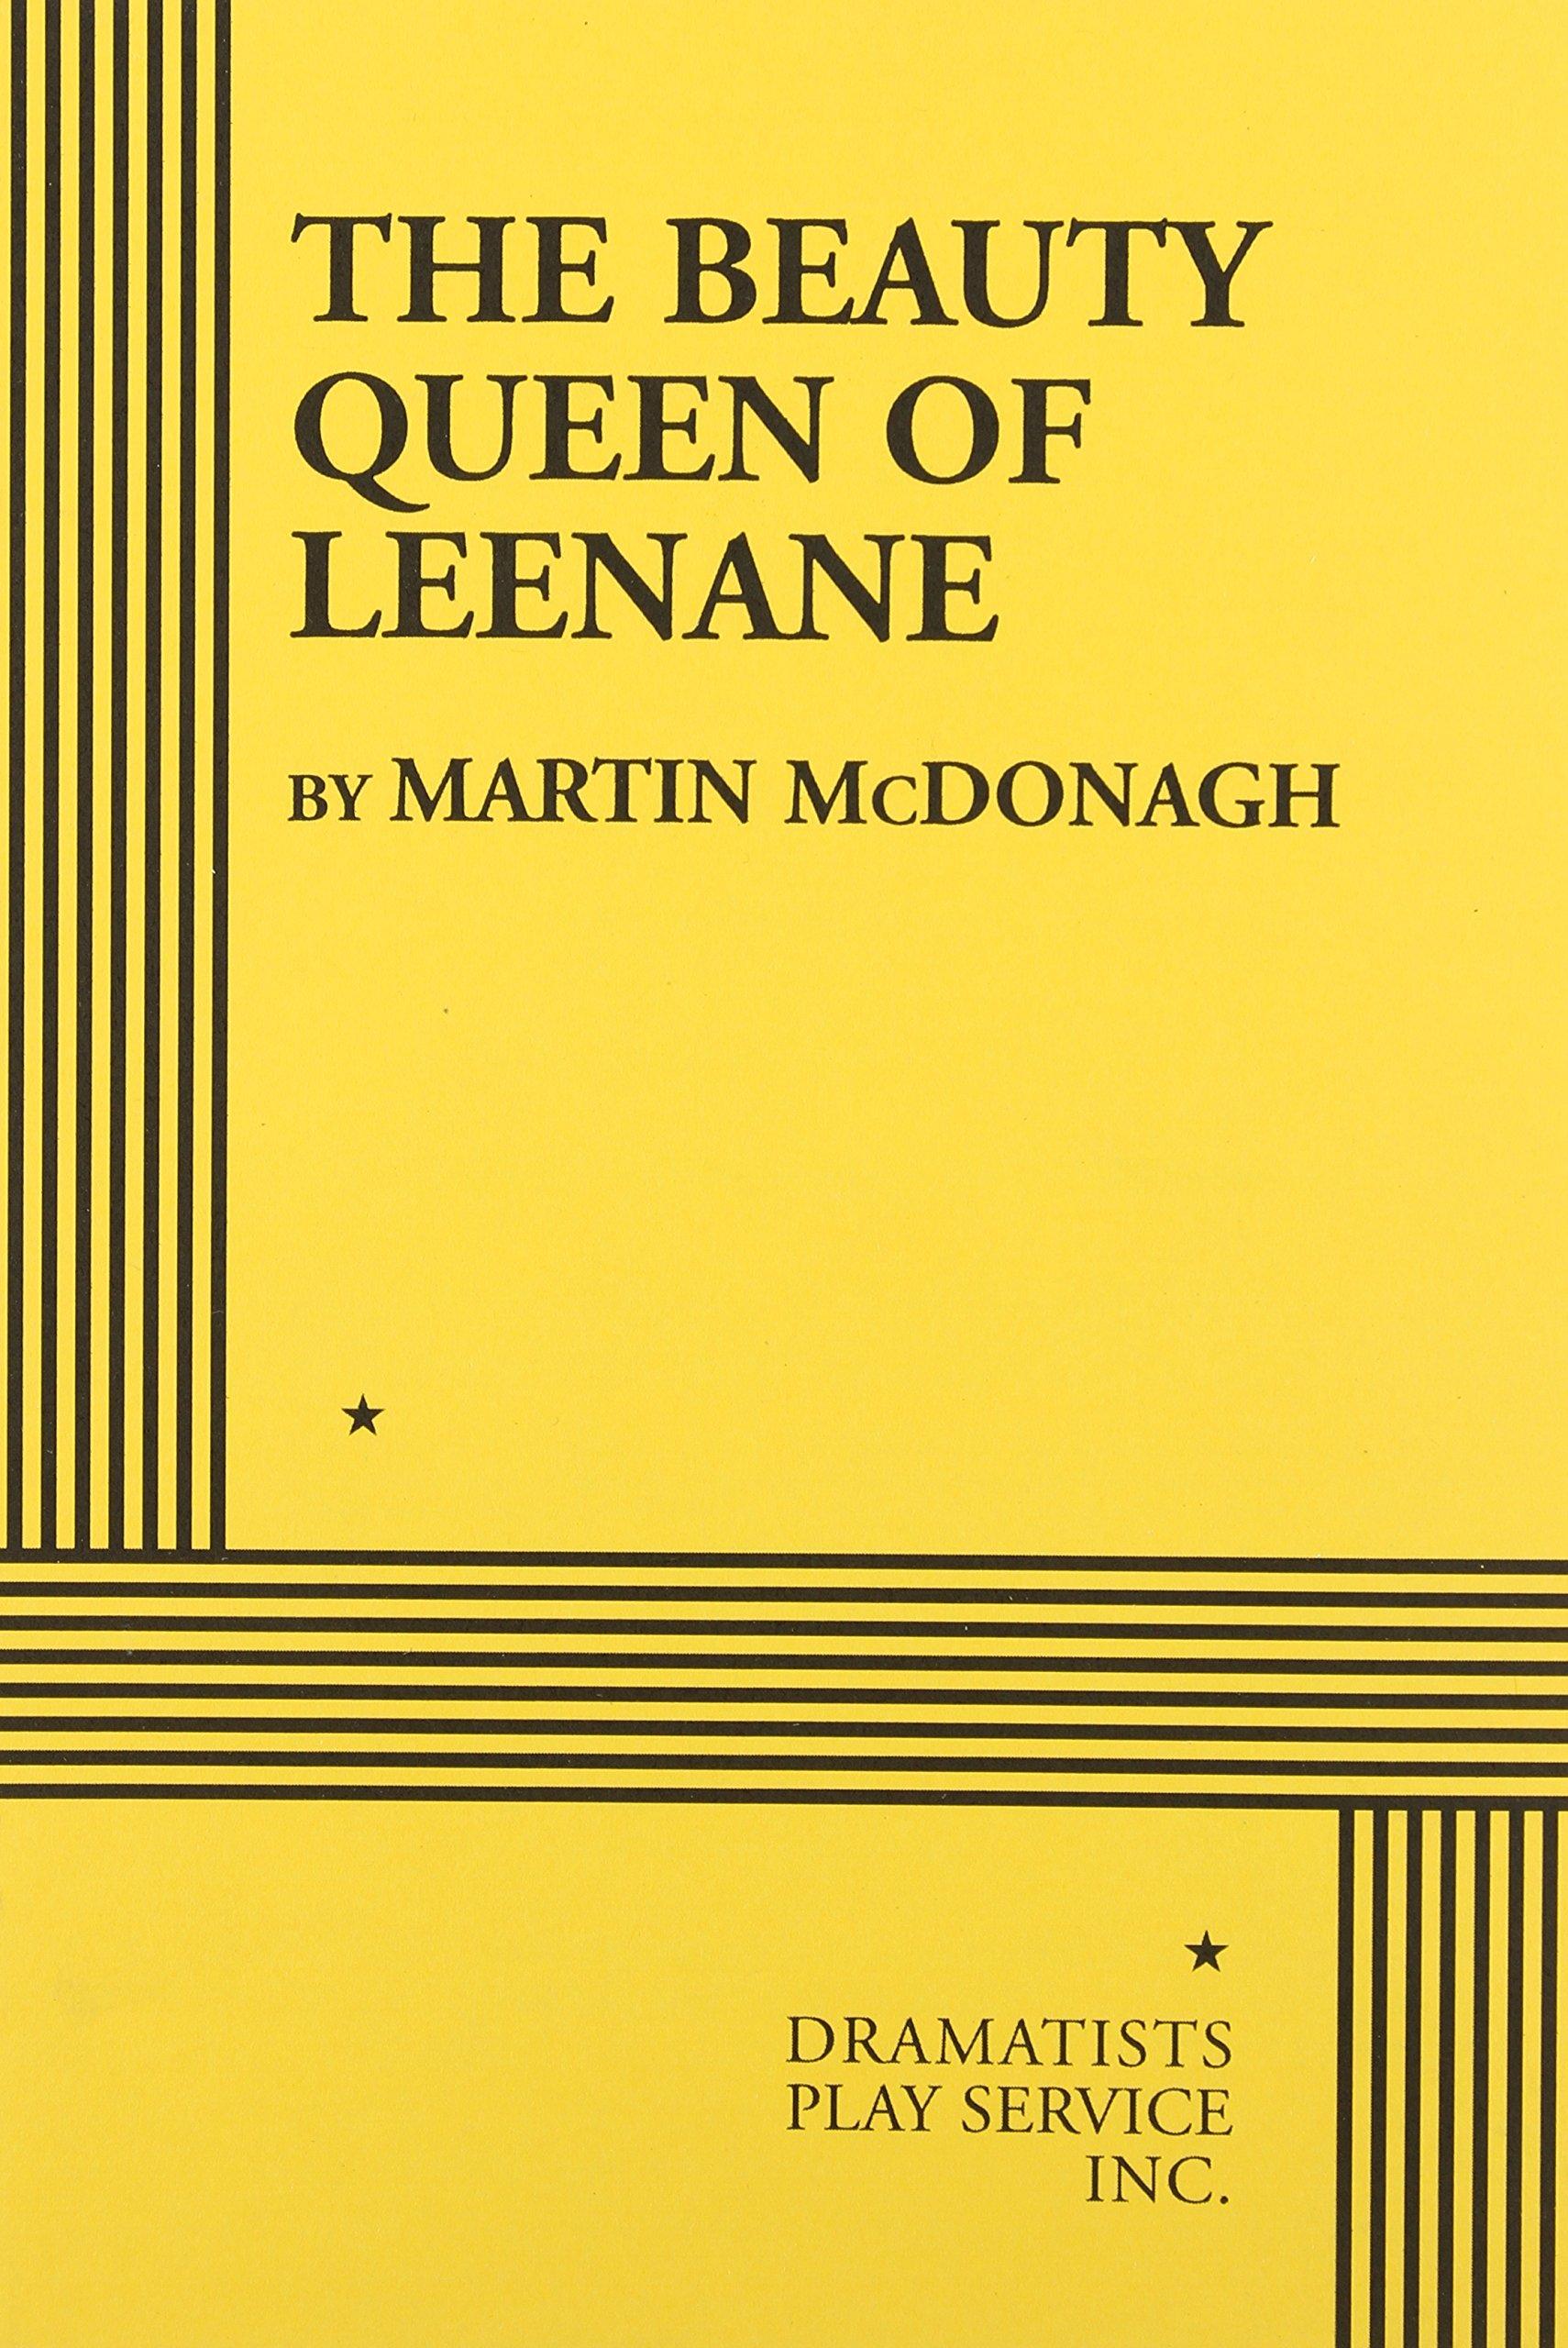 BEAUTY QUEEN OF LEENANE SCRIPT PDF